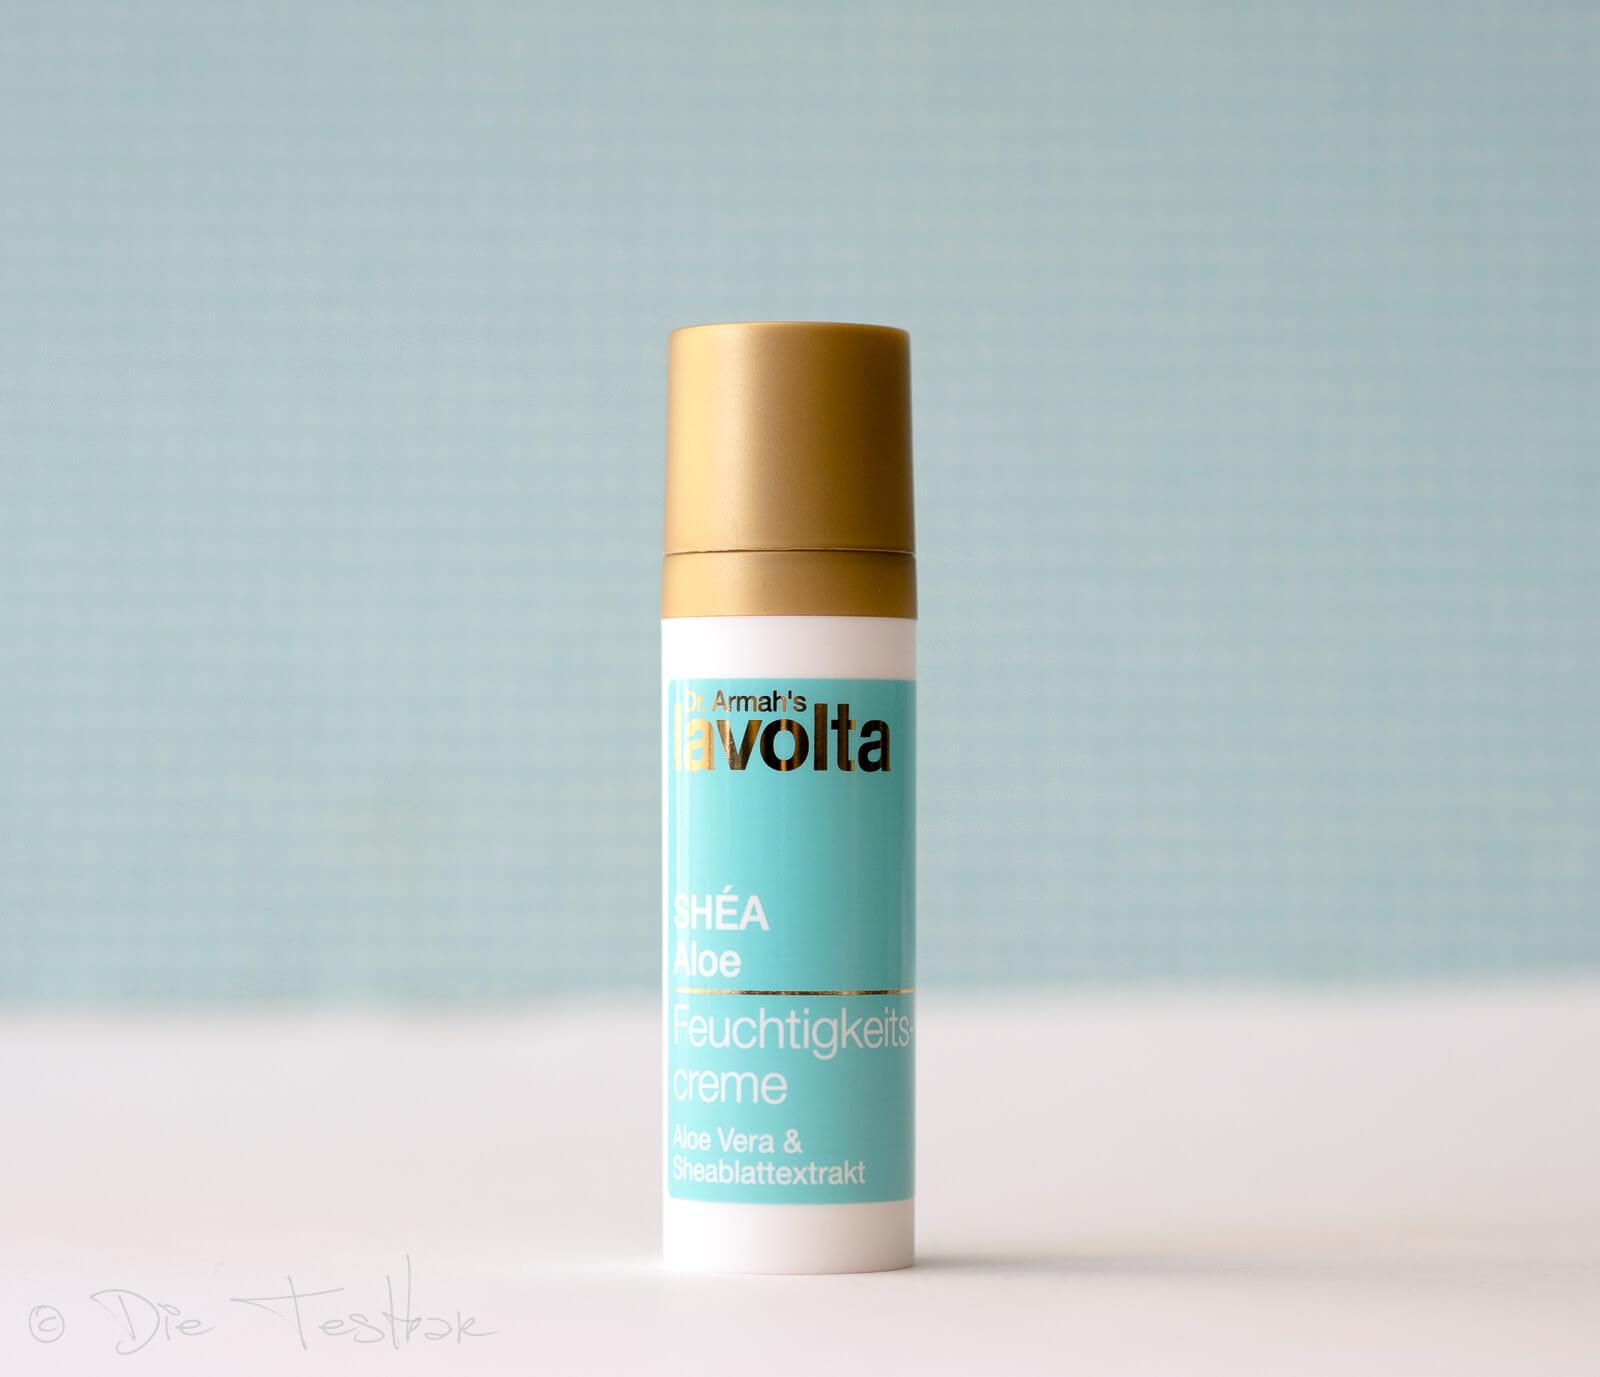 Lavolta - Shéa Aloe 24h Feuchtigkeitscreme